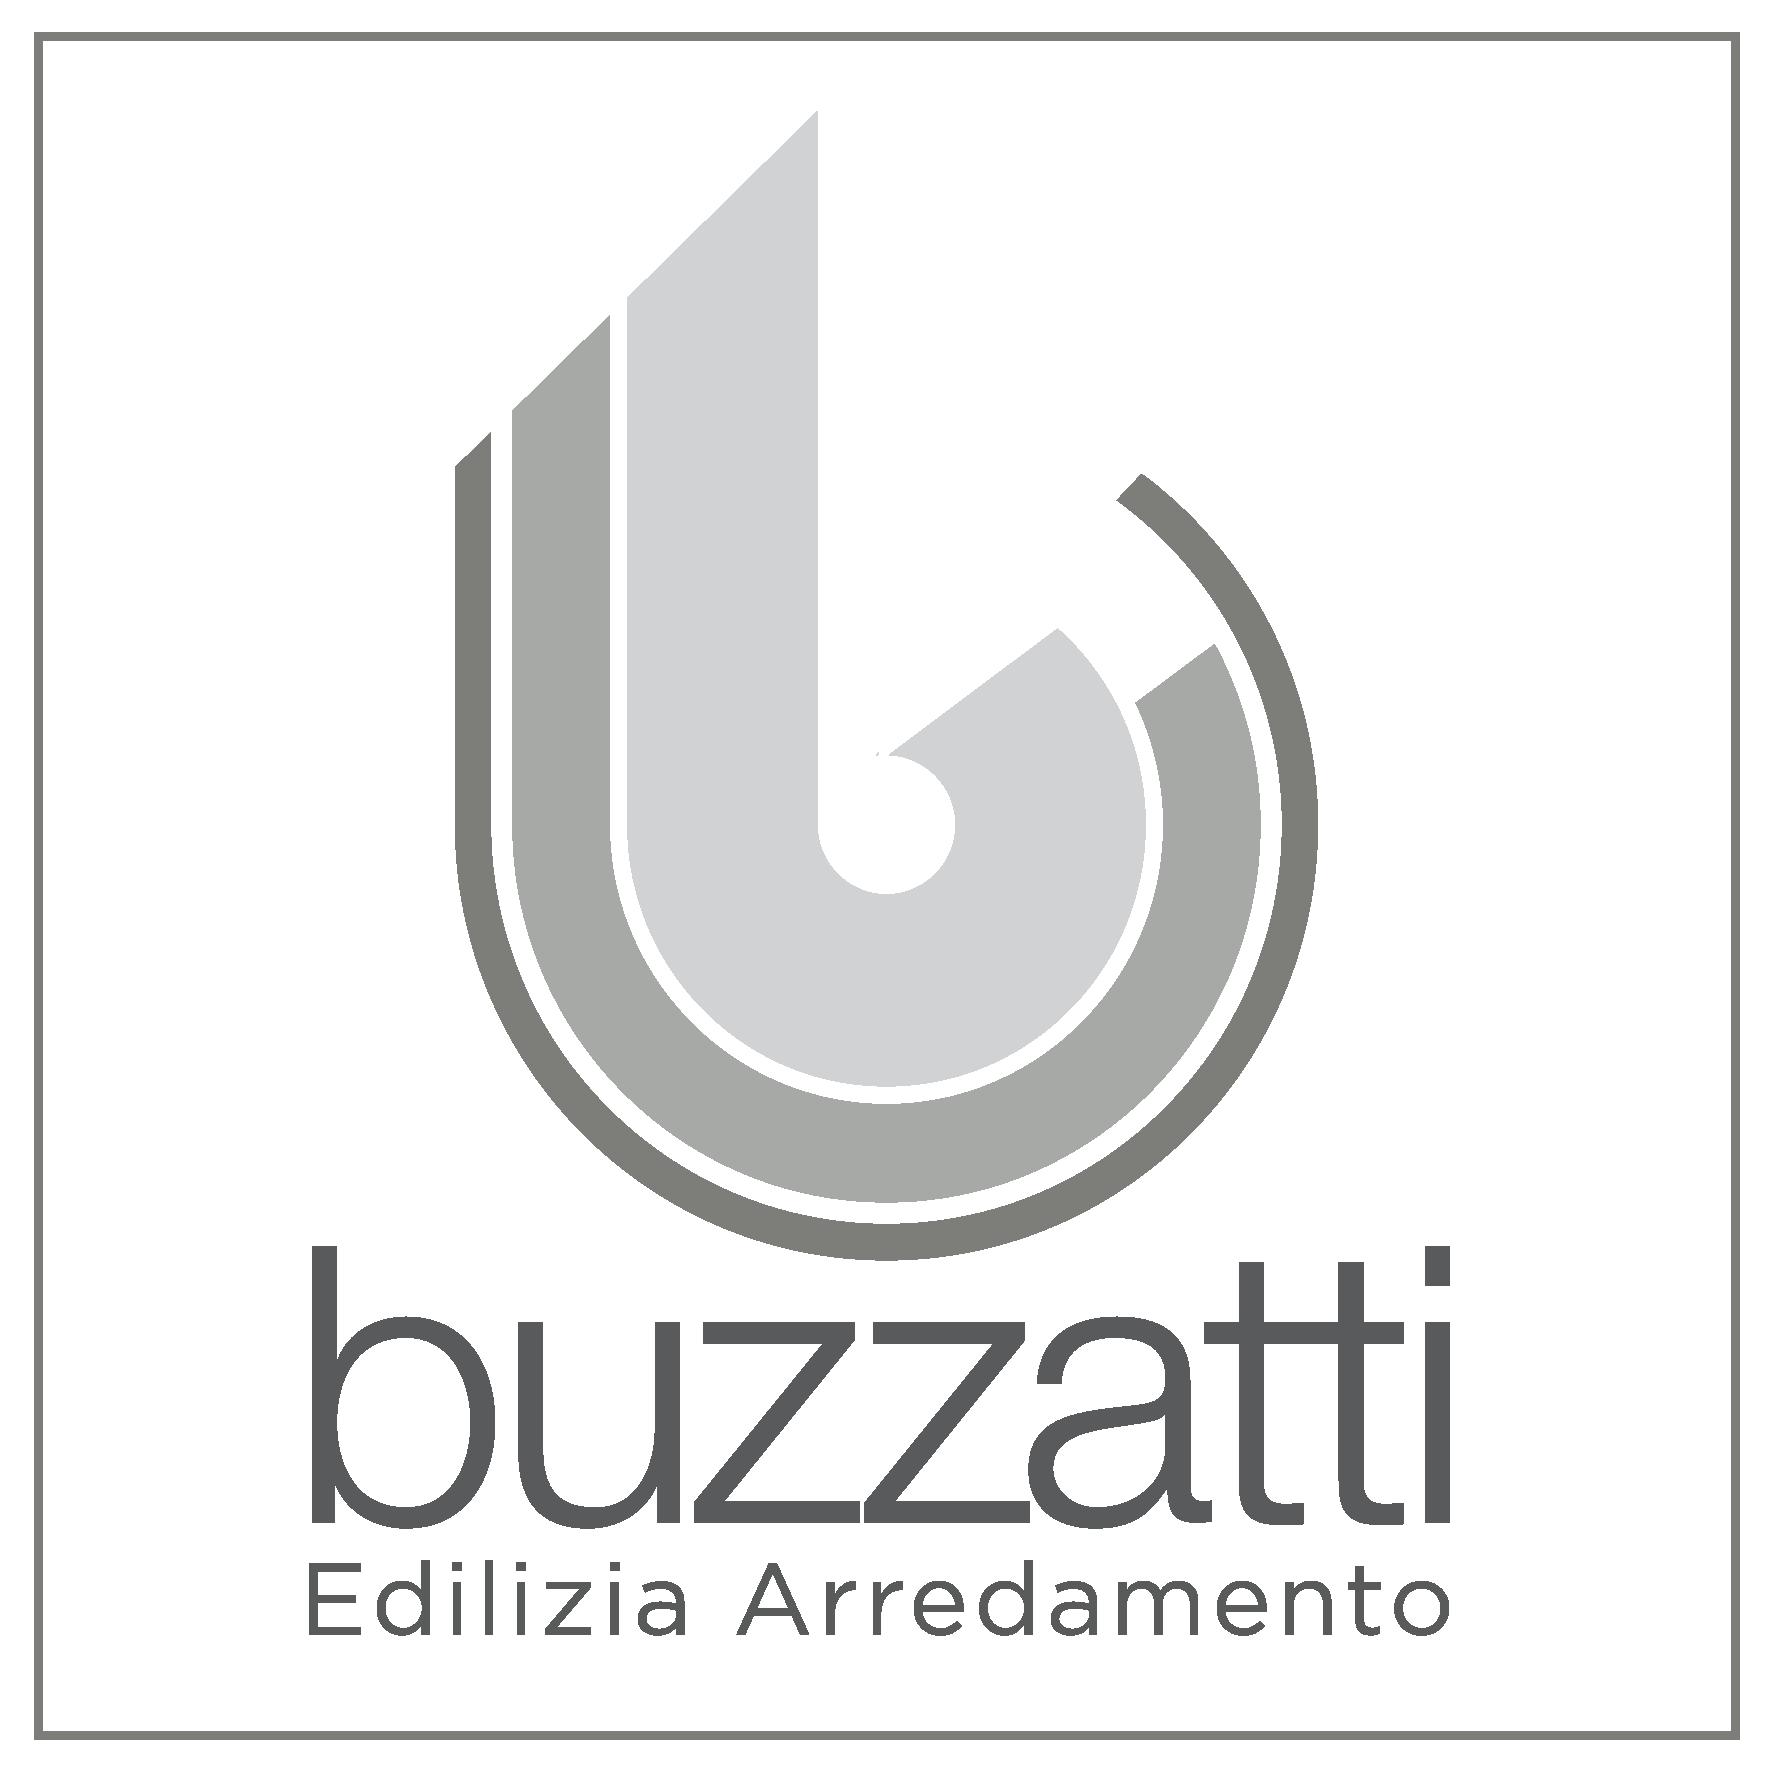 Buzzatti Edilizia Arredamento logo